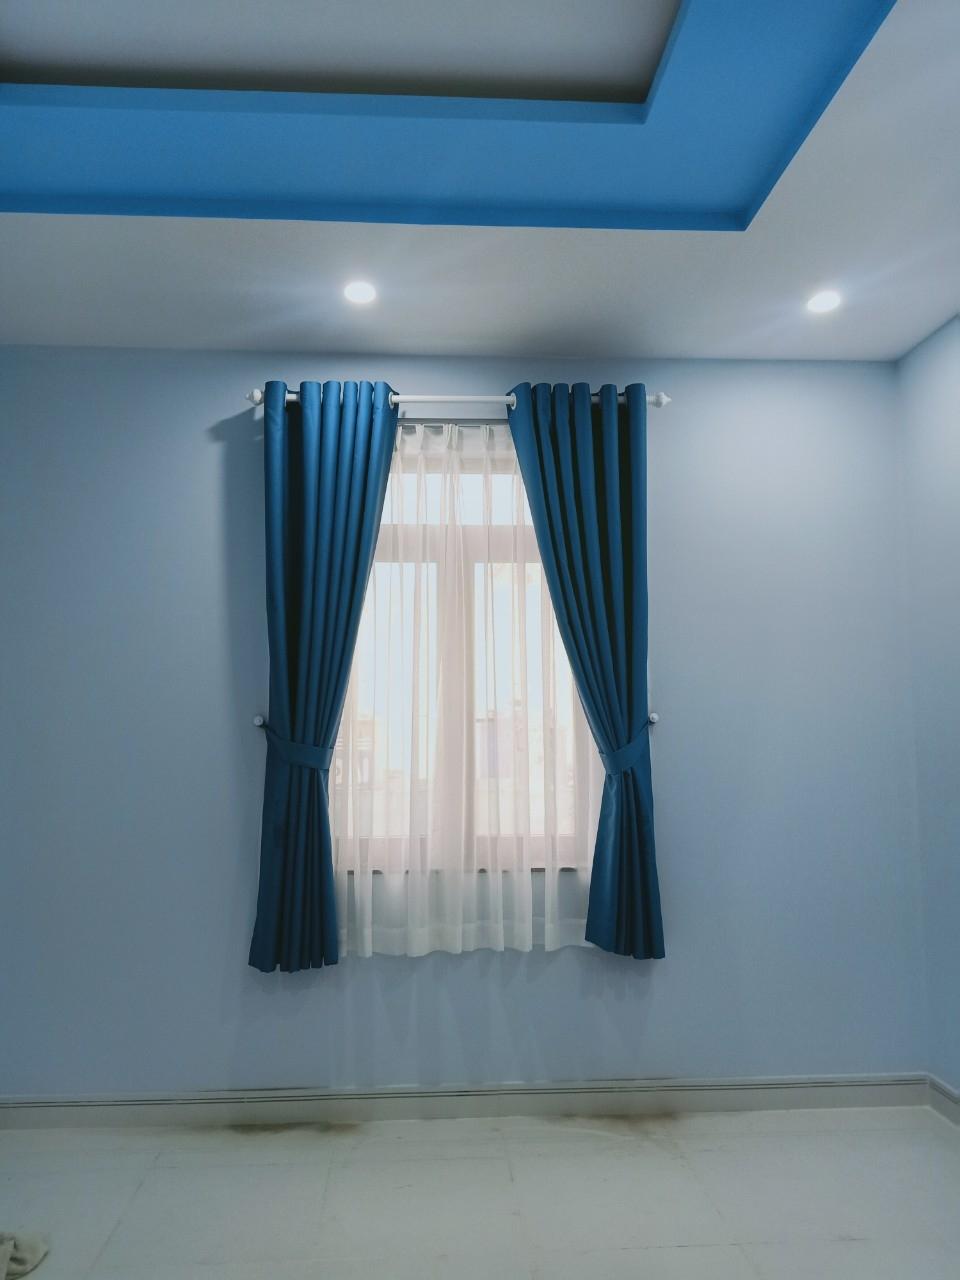 Rèm cửa vải phòng khách-4